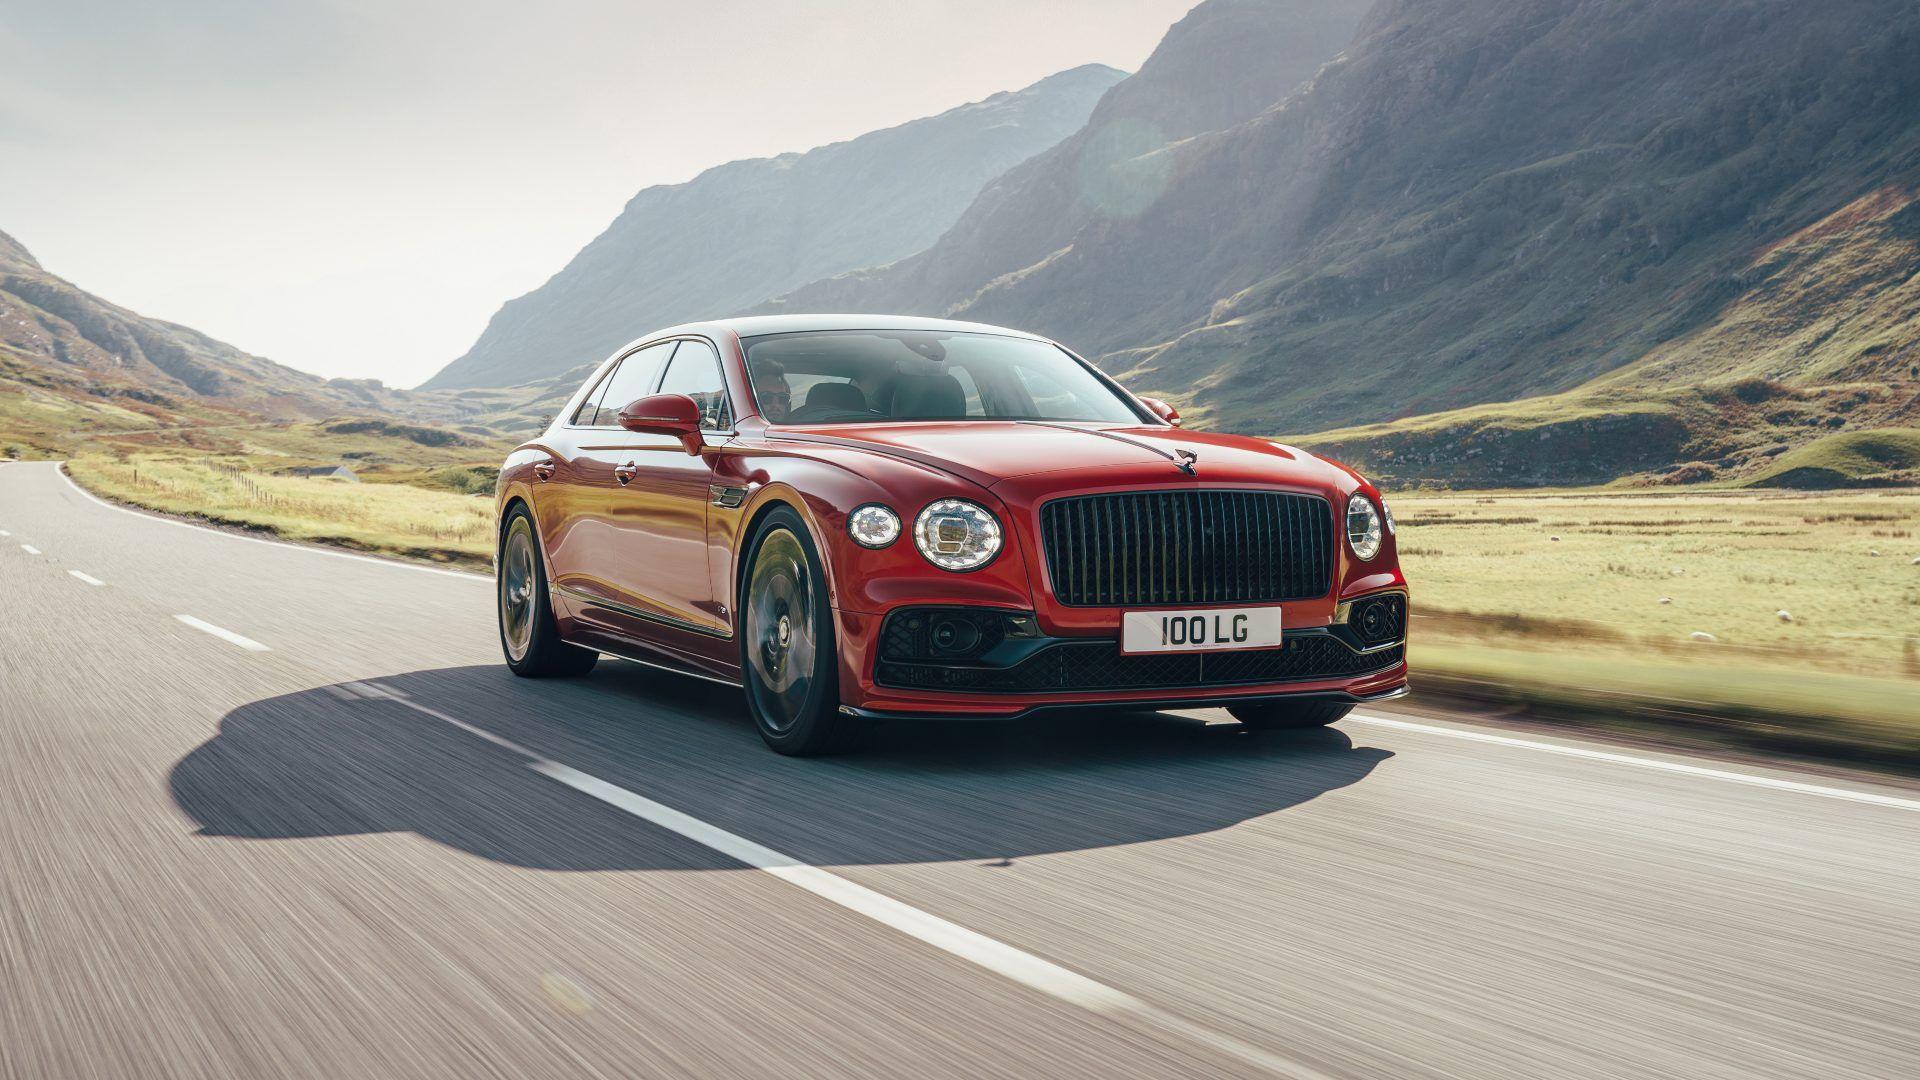 El Bentley Flying Spur adopta el motor V8 de 550 CV